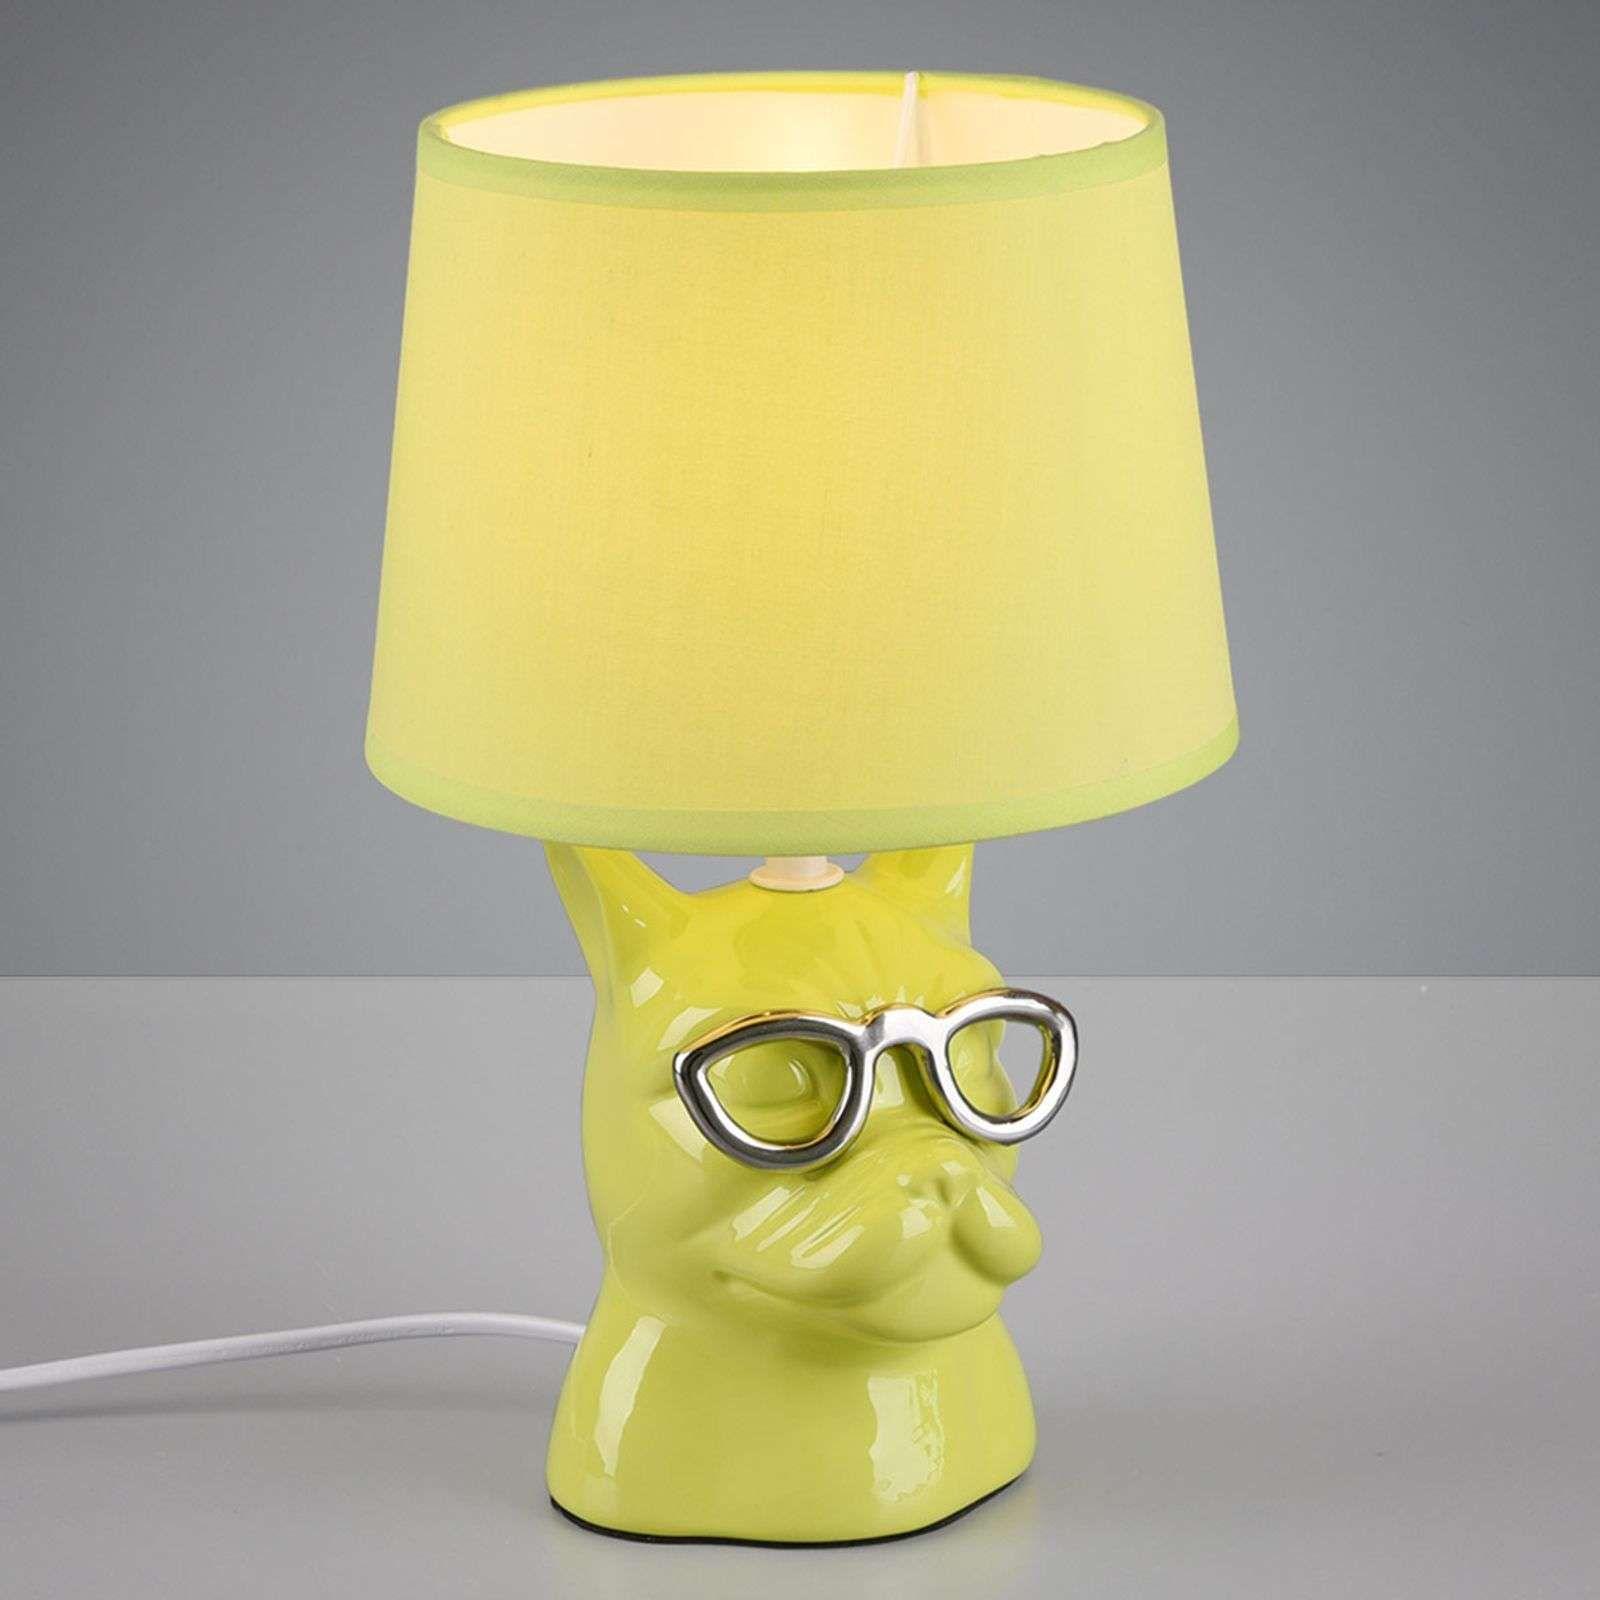 Tischleuchte Dosy Mit Hundegesicht Grun Lamp Lampe De Chevet Lampe A Poser